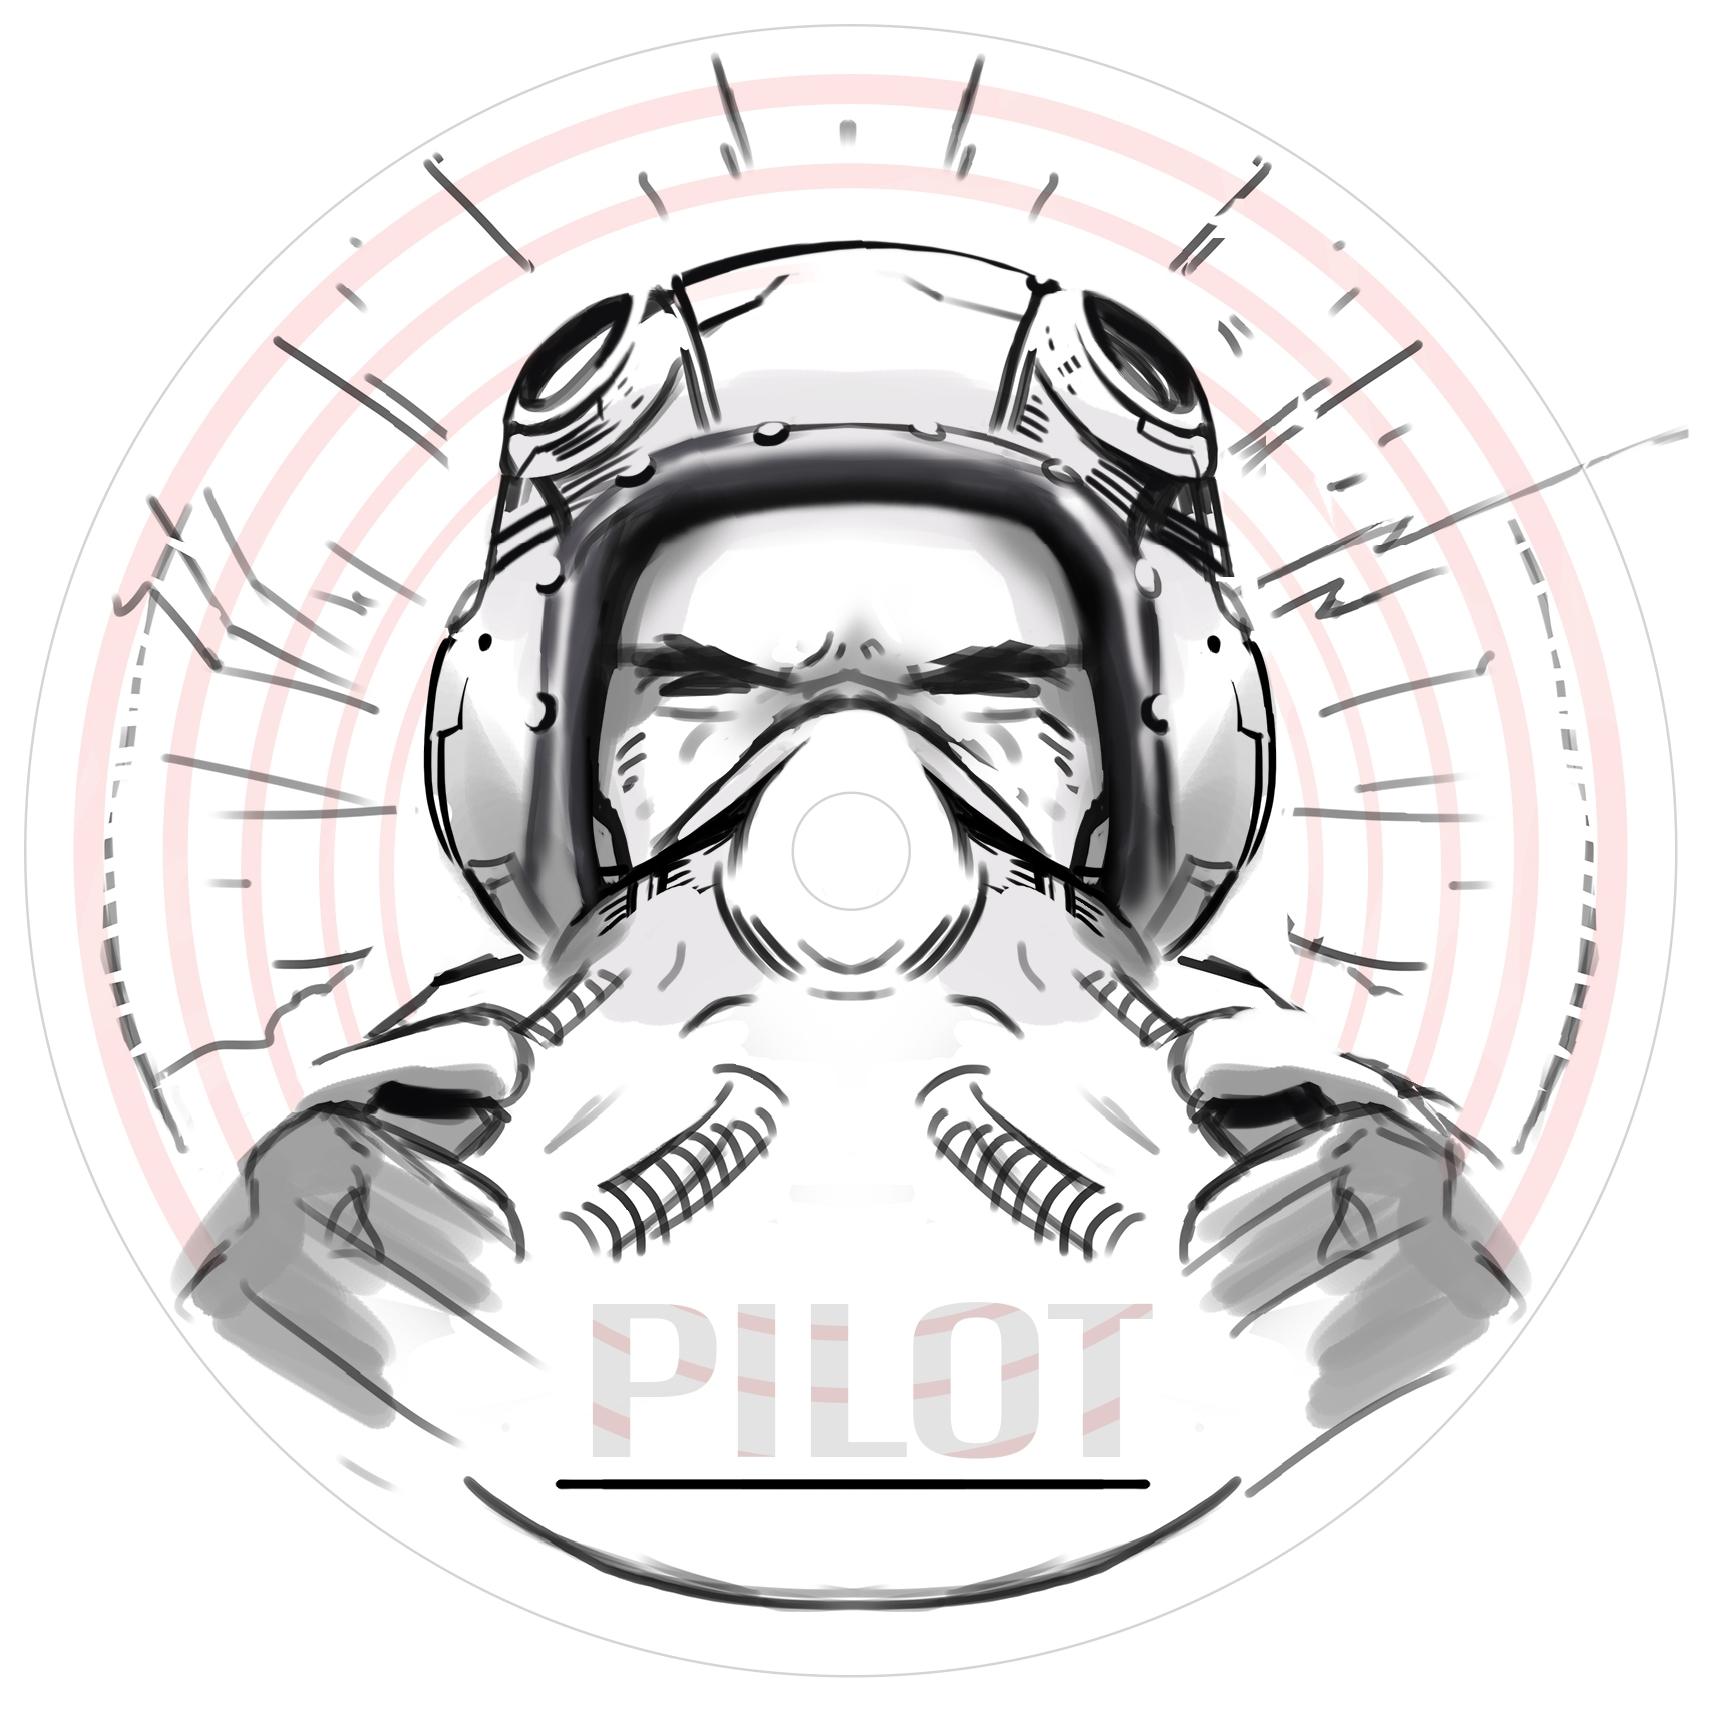 Pilot_Rough002.jpg